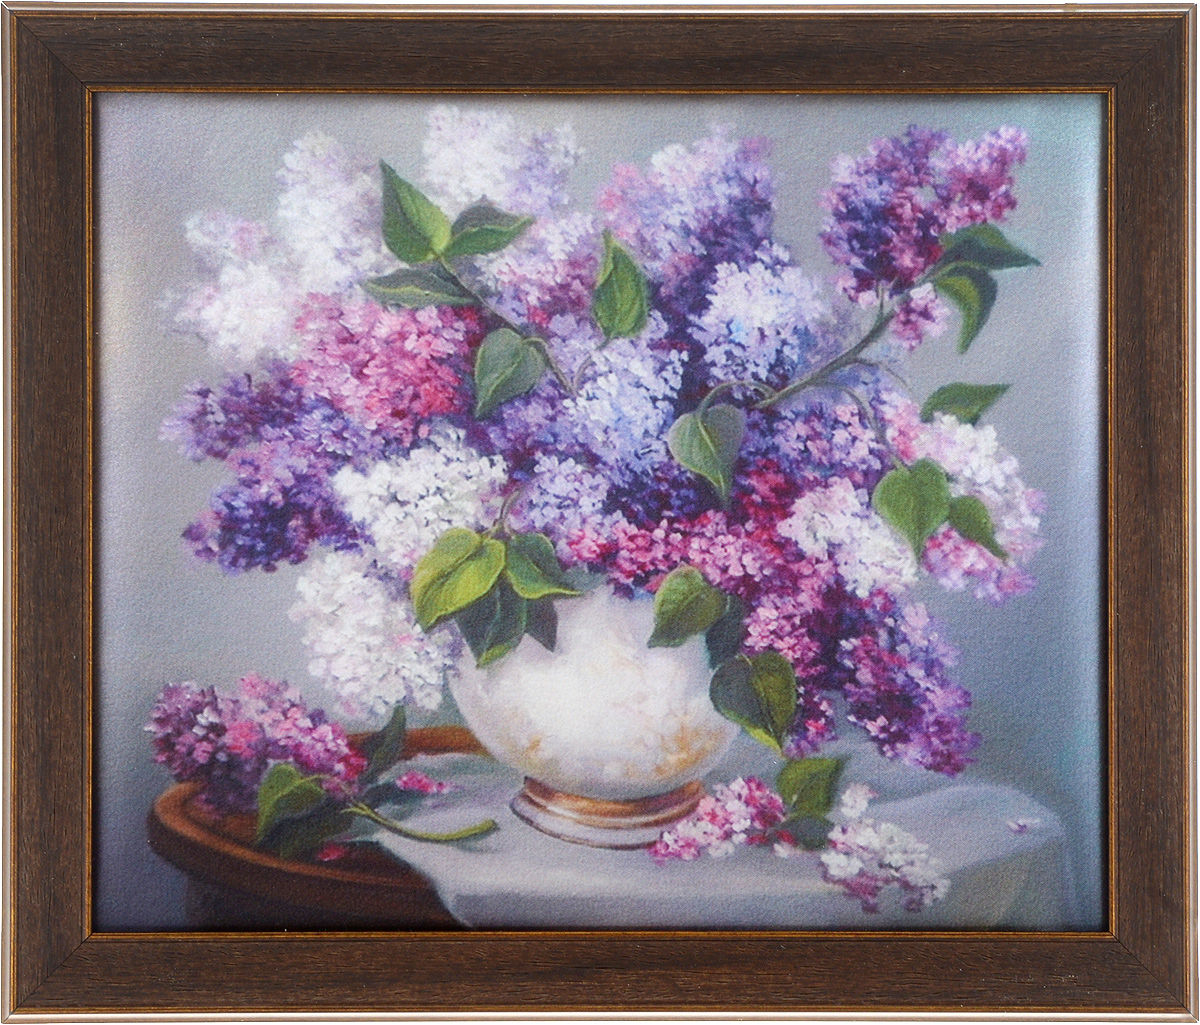 Картина в раме Рапира Аромат сирени, 33 х 28 см3002Оригинальная картина Рапира Аромат сирени поможет украсить интерьер, придаст обстановке безмятежность и шик. Рисунок картины выполнен на гладком текстиле. Изделие оформлено в красивую рамку под дерево. Задняя часть картины оснащена двумя петельками для подвешивания. Картина Аромат сирени идеально подойдет к любому интерьеру и станет отличным подарком.Размер картины (без учета рамки): 28 х 23 см.